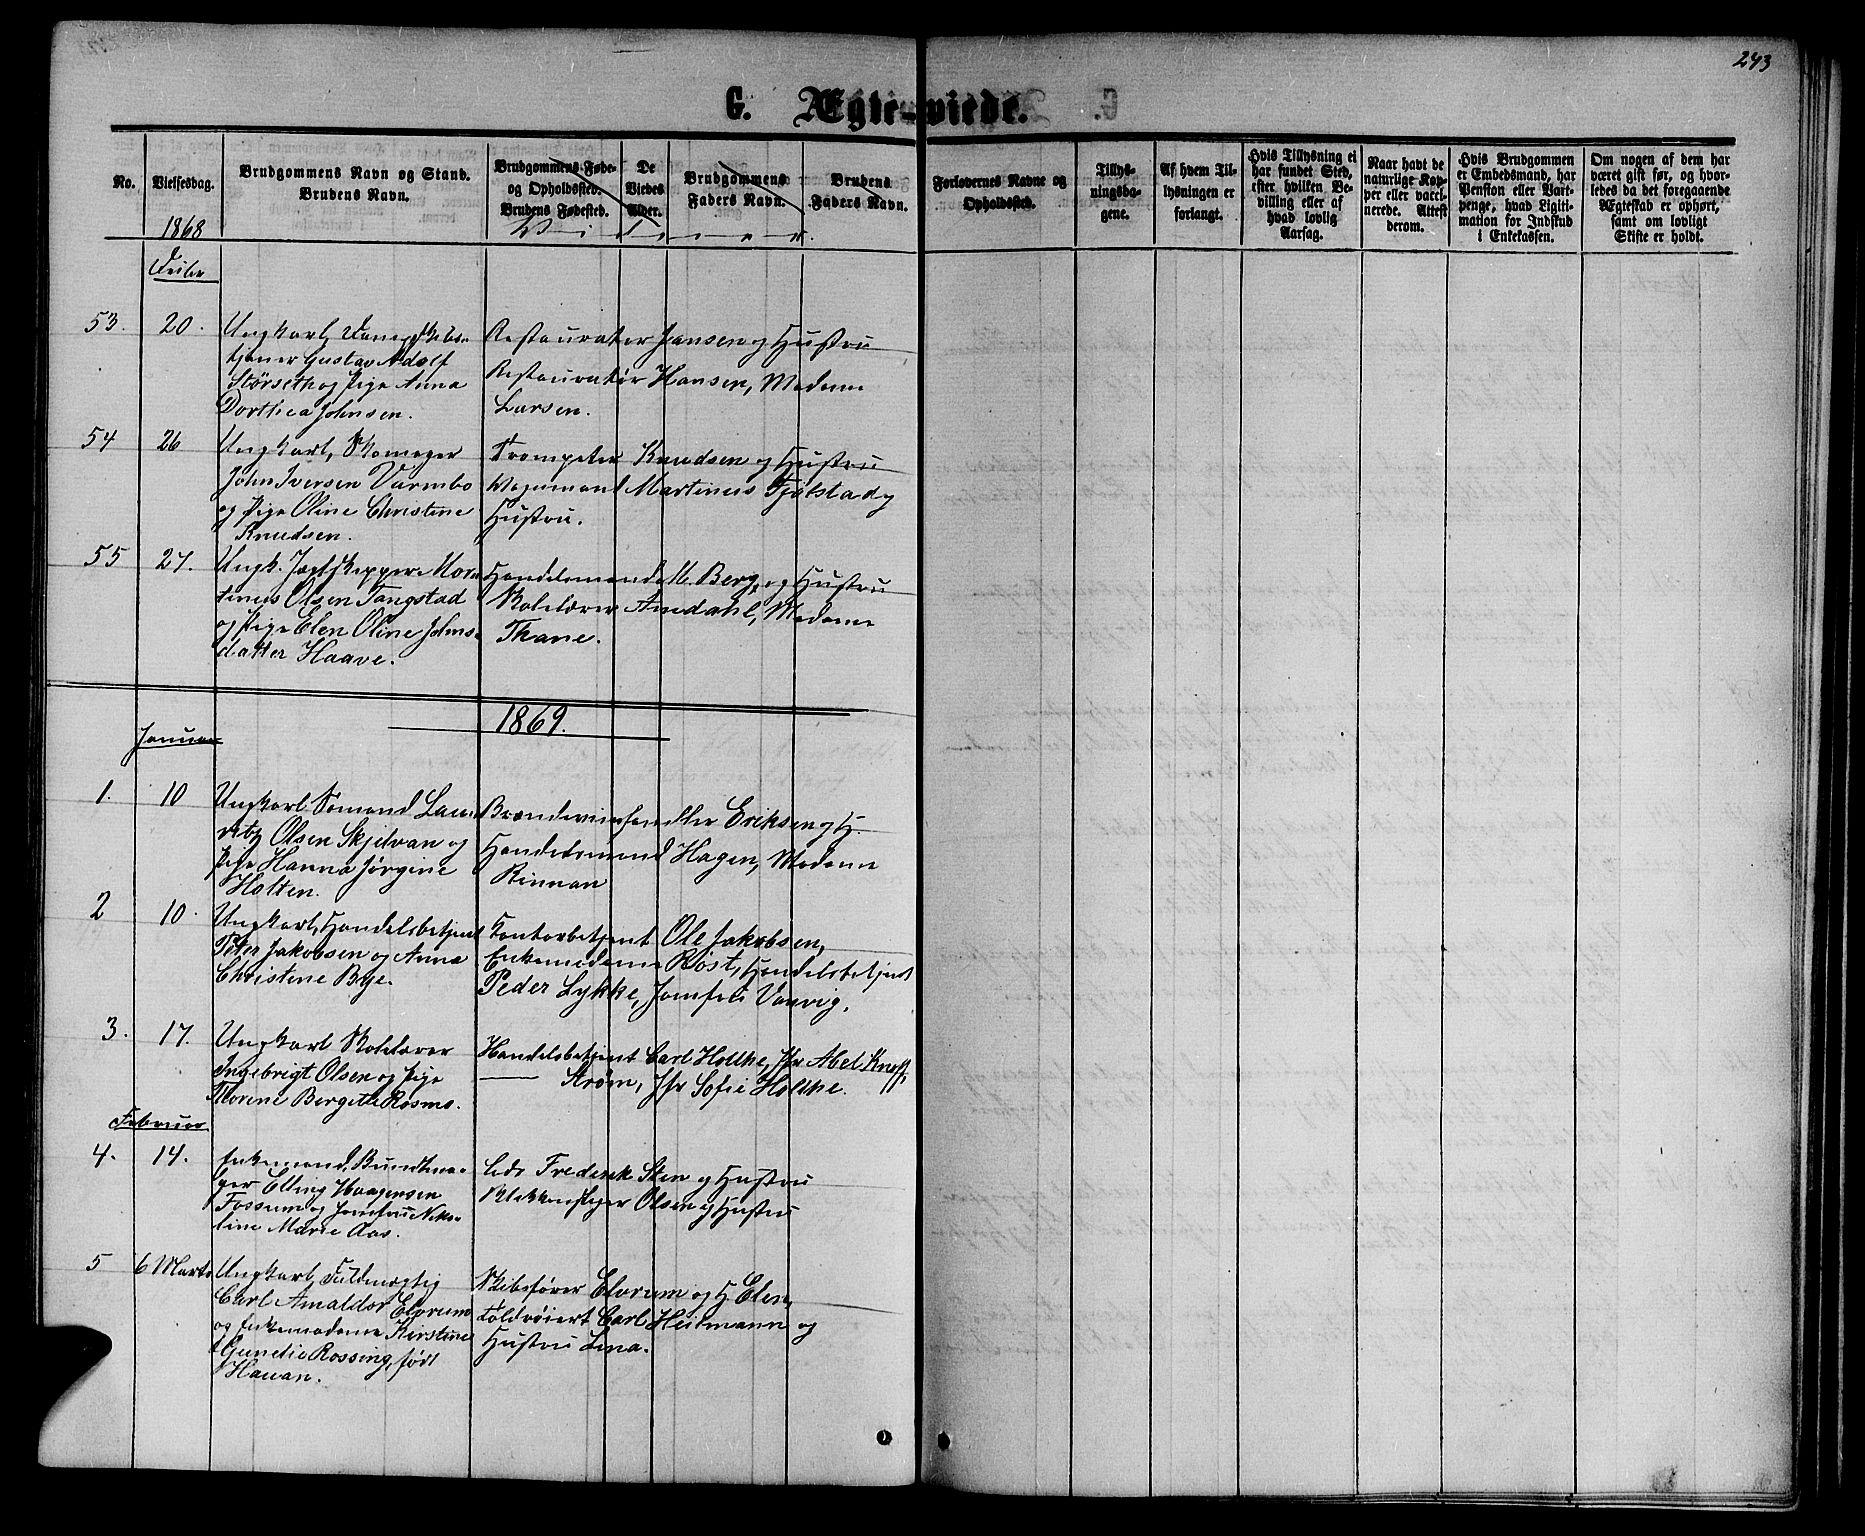 SAT, Ministerialprotokoller, klokkerbøker og fødselsregistre - Sør-Trøndelag, 601/L0087: Klokkerbok nr. 601C05, 1864-1881, s. 243